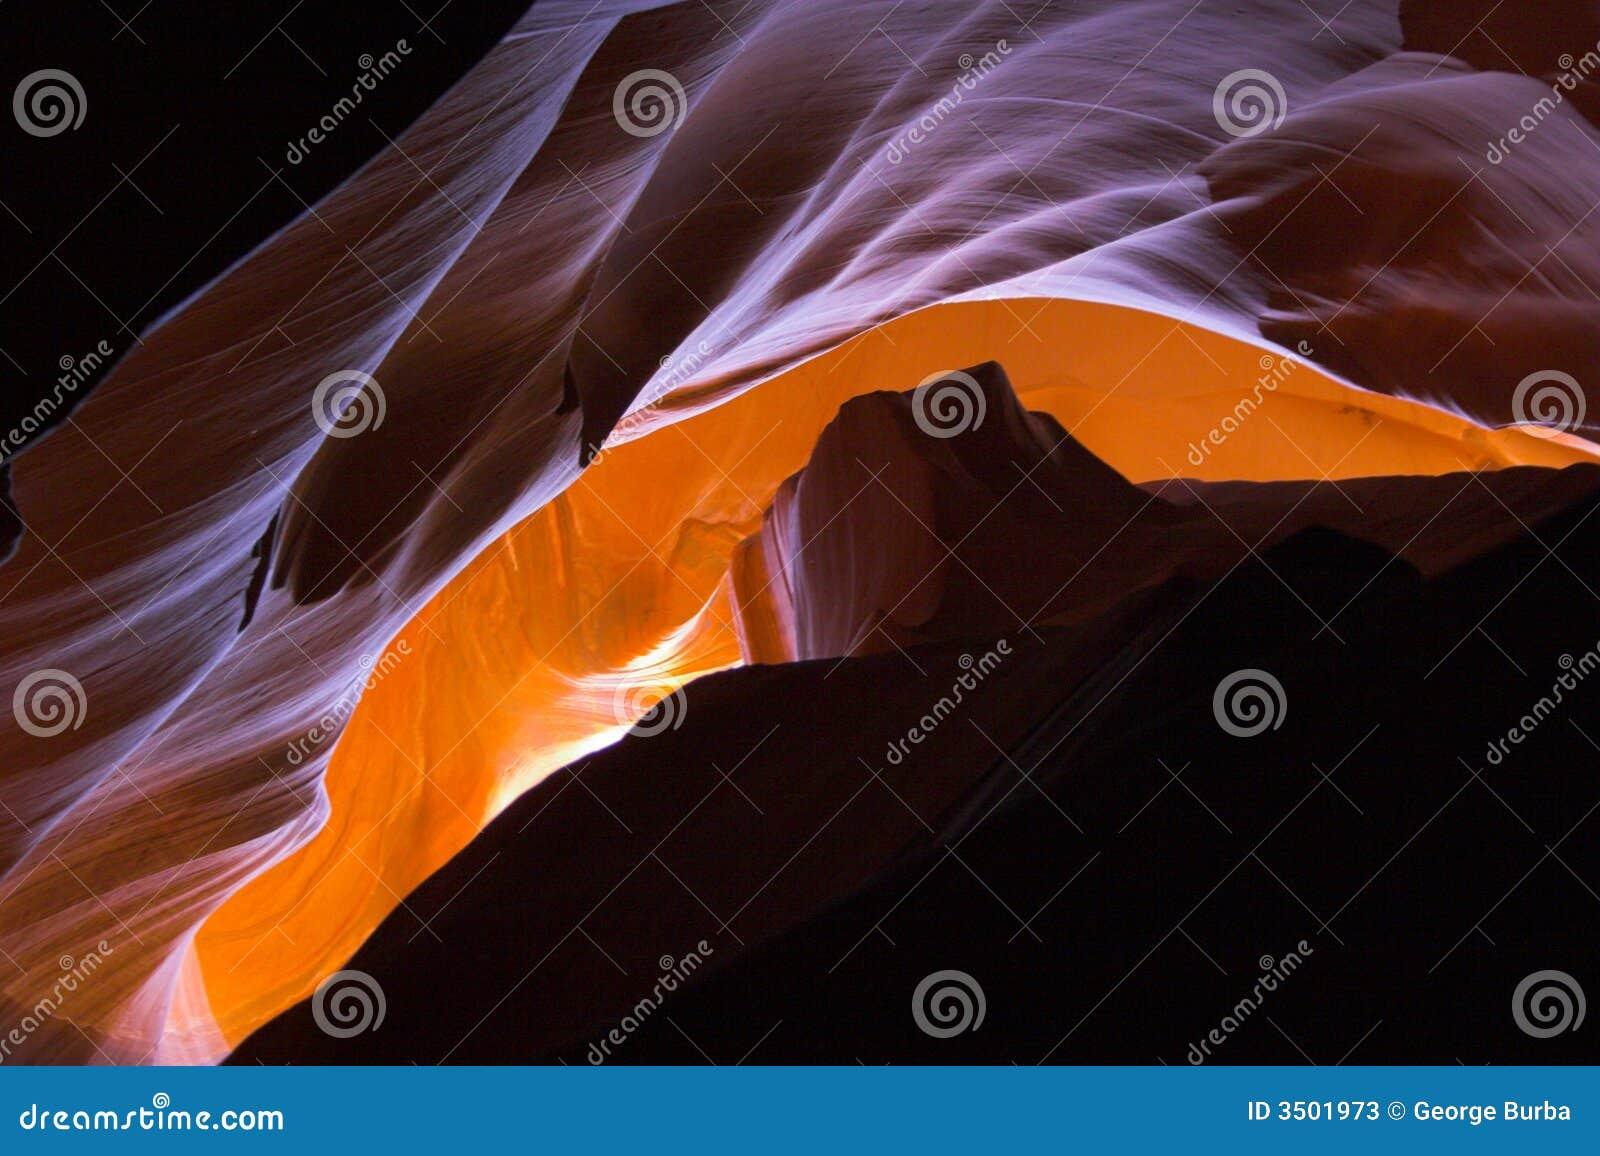 Southwest slot canyons